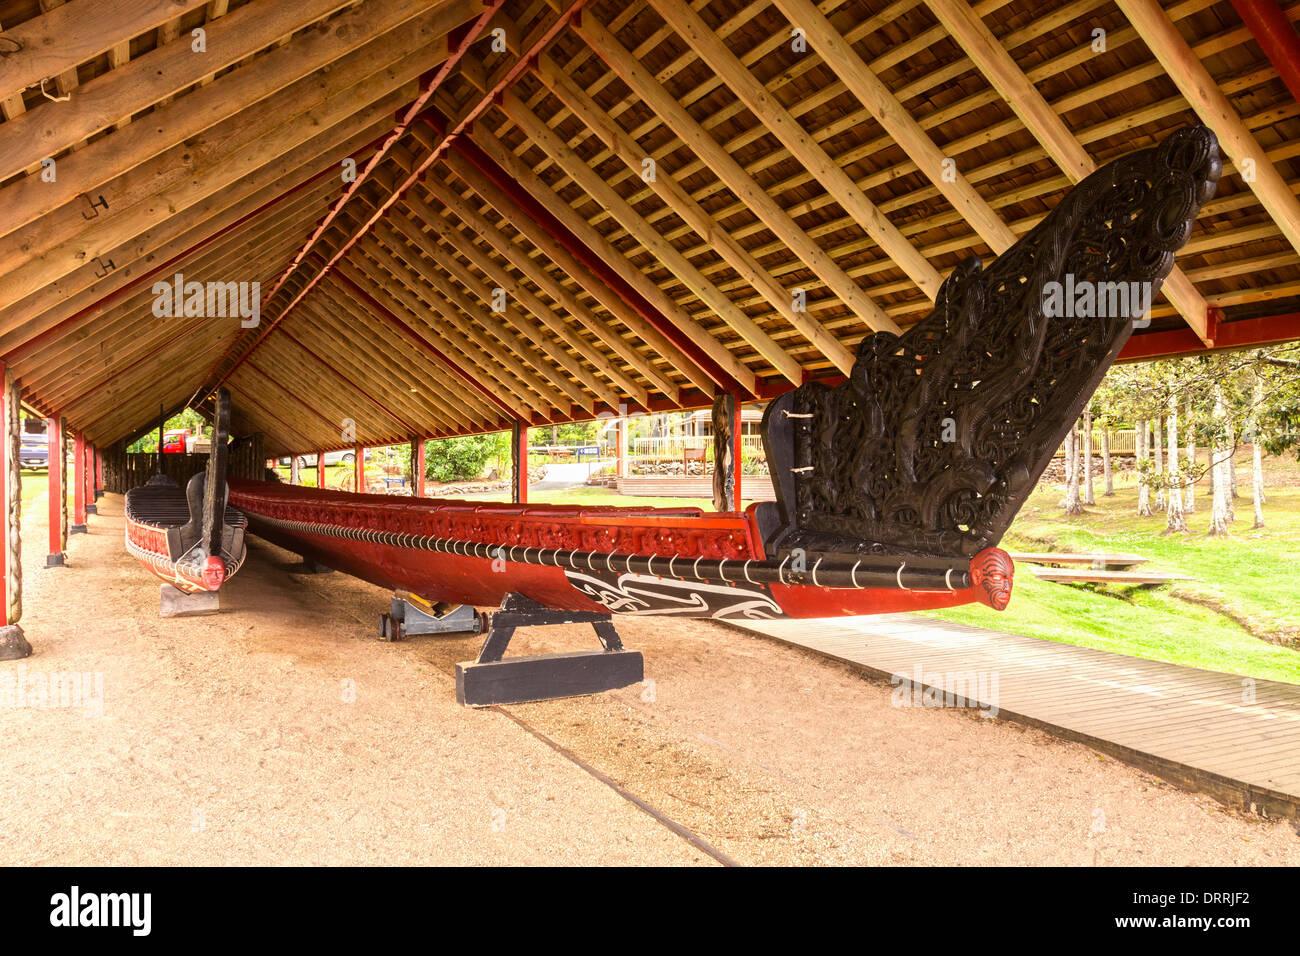 The traditionally styled boathouse on the Waitangi Treaty Grounds, Northland, New Zealand, houses two waka (canoes)... - Stock Image